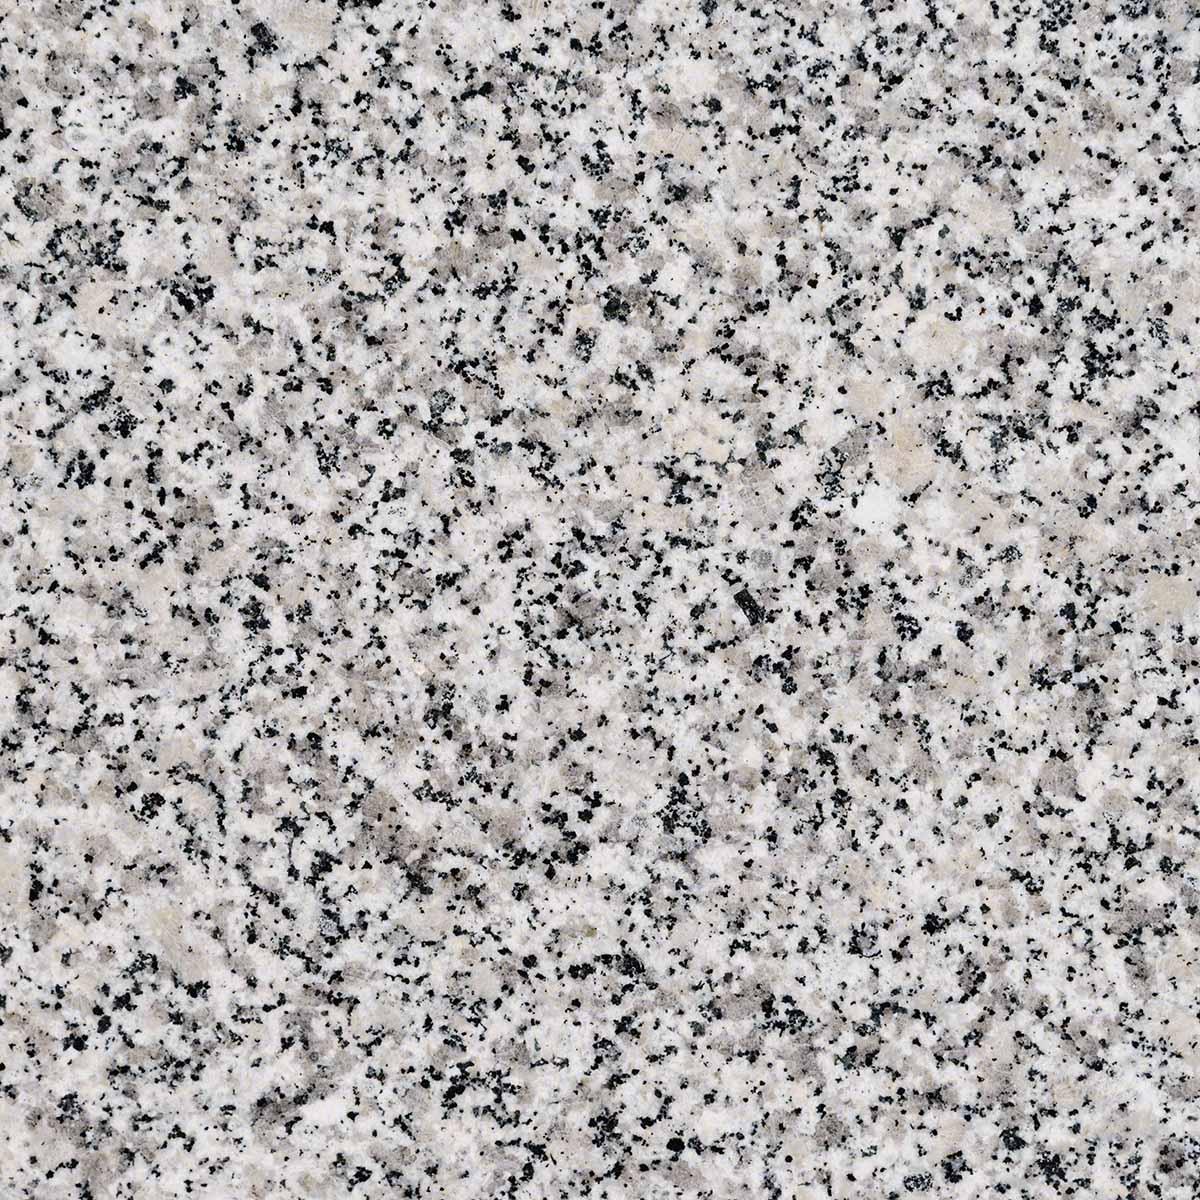 White Granite Stone : Mystic white granite international stone